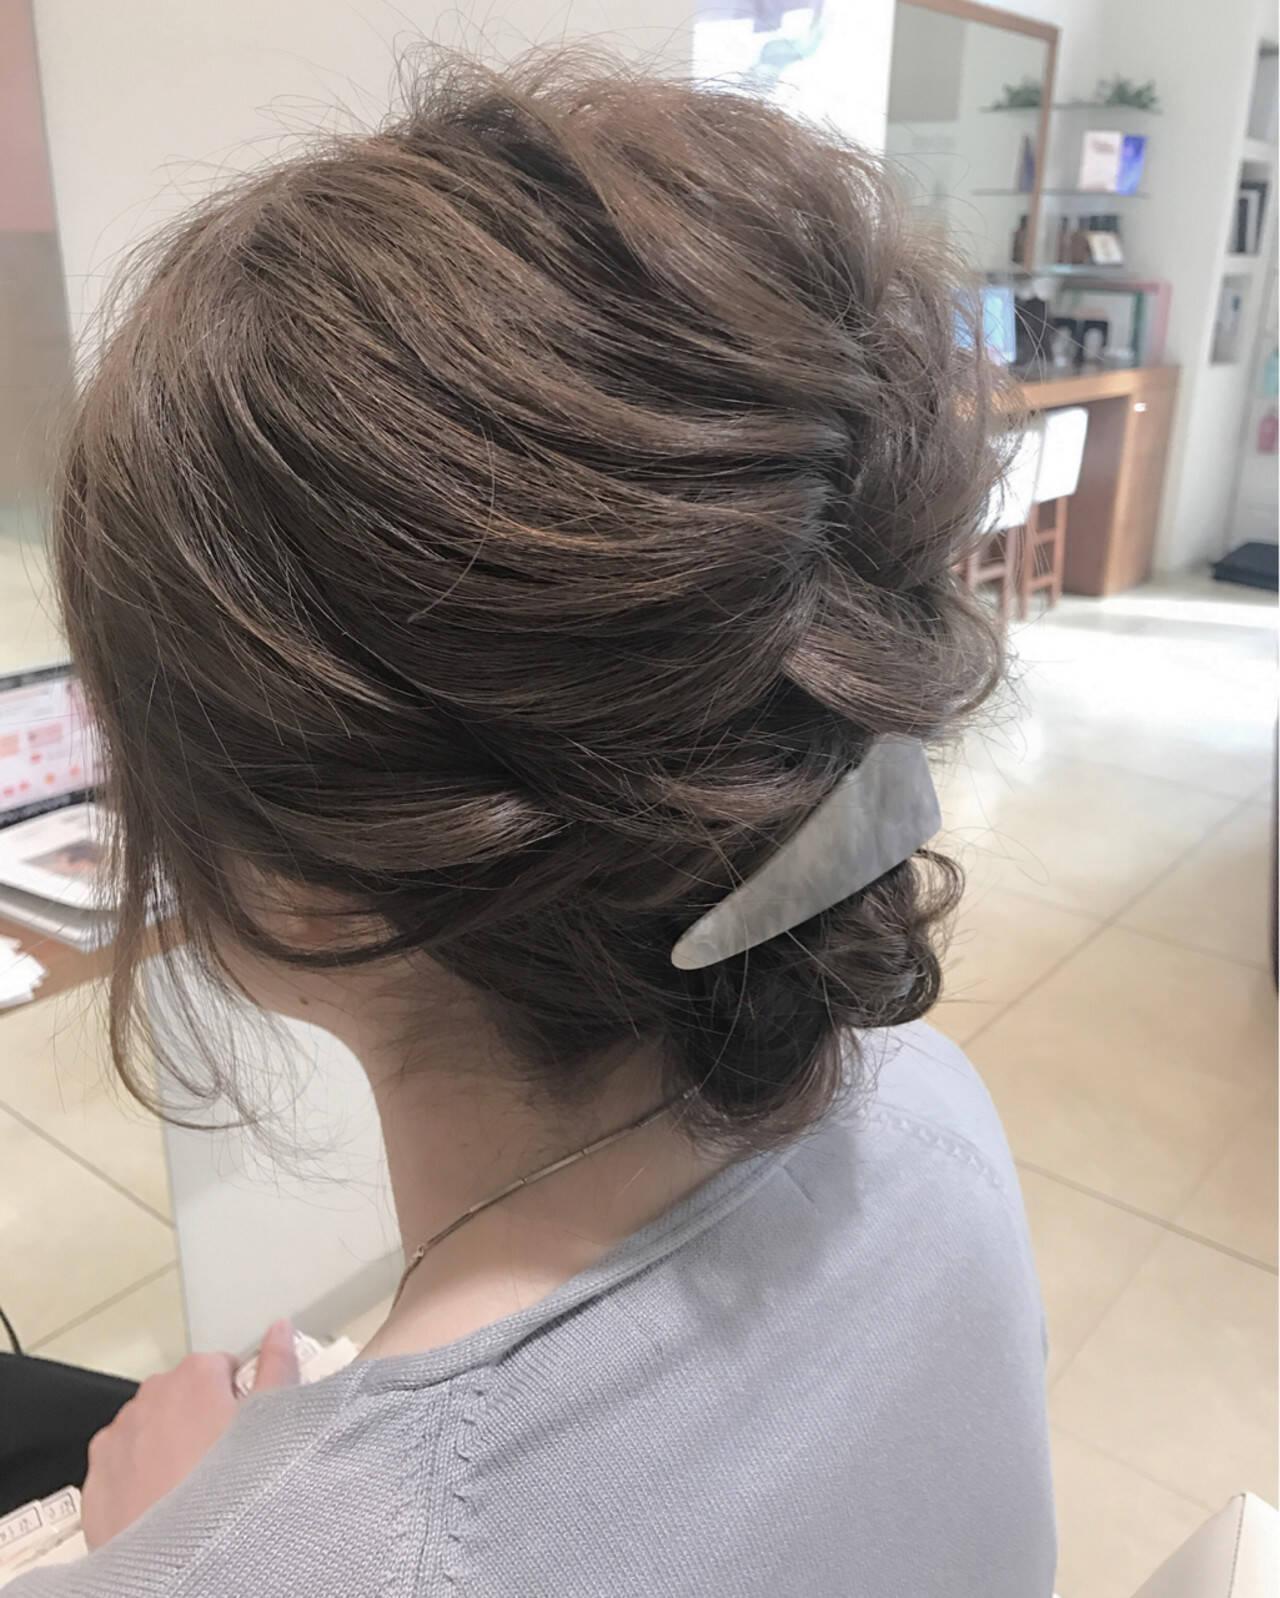 結婚式 編み込み ミディアム 簡単ヘアアレンジヘアスタイルや髪型の写真・画像